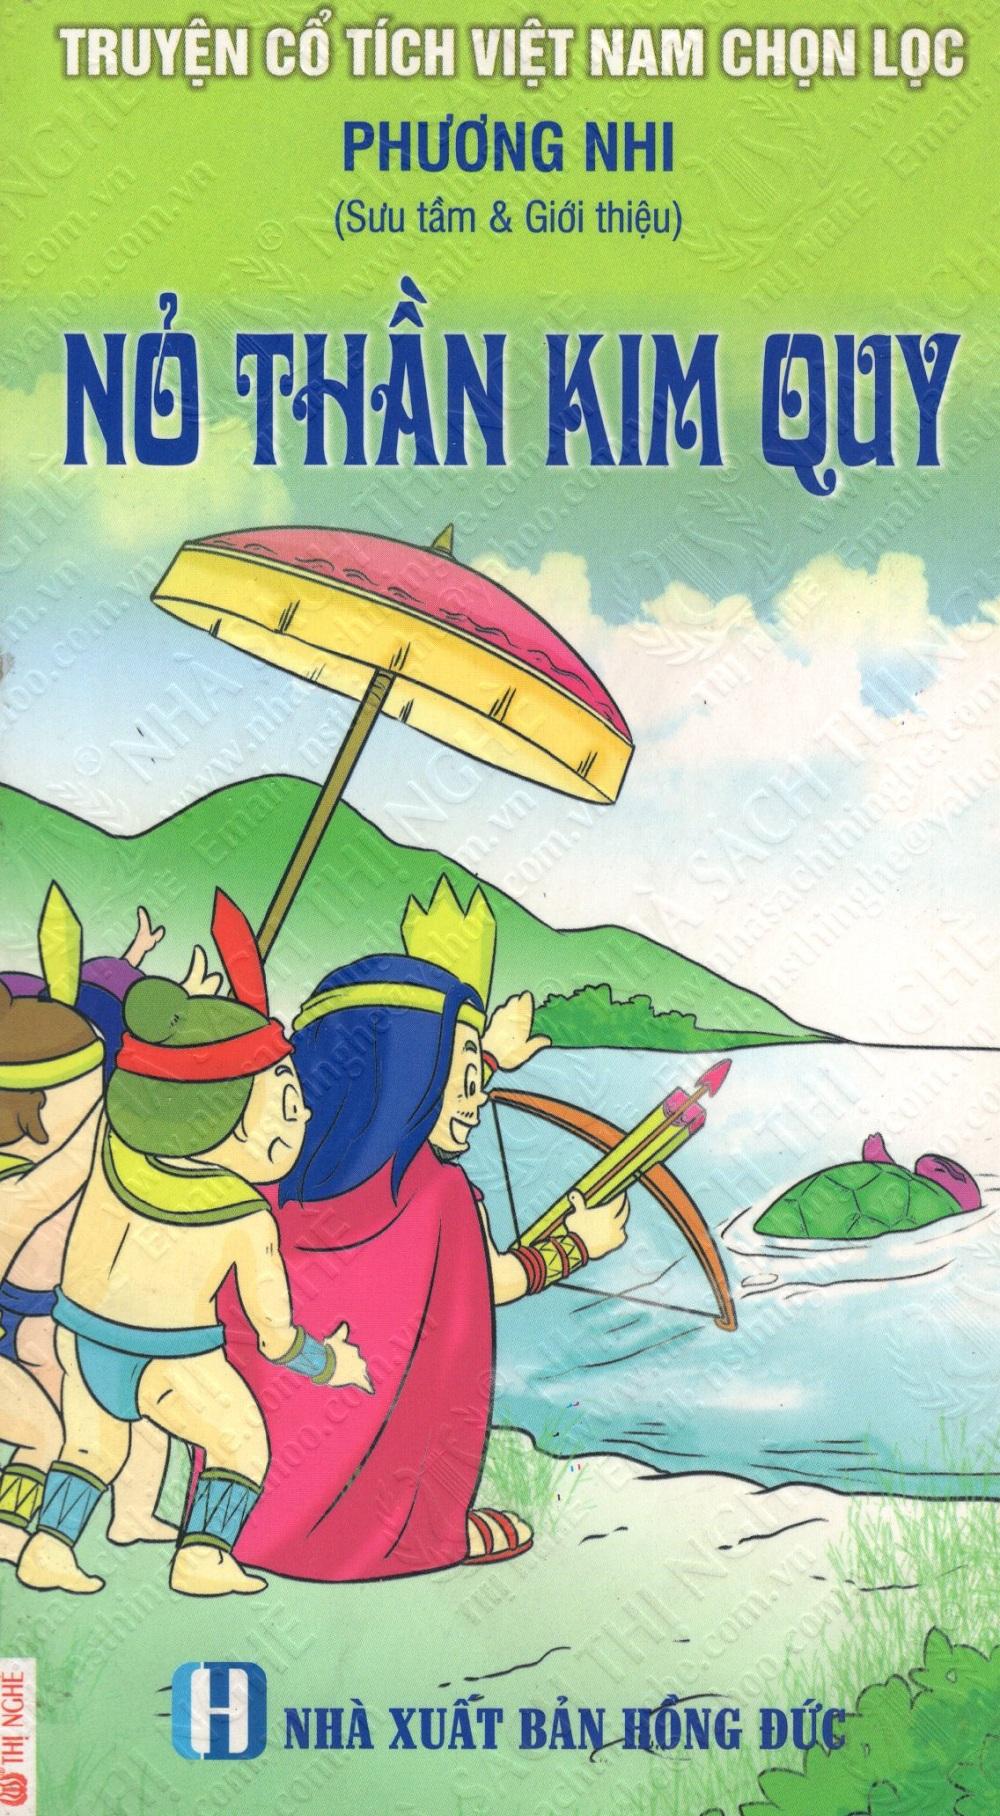 Truyện Cổ Tích Việt Nam Chọn Lọc: Nỏ Thần Kim Quy - 8955945005424,62_261693,15000,tiki.vn,Truyen-Co-Tich-Viet-Nam-Chon-Loc-No-Than-Kim-Quy-62_261693,Truyện Cổ Tích Việt Nam Chọn Lọc: Nỏ Thần Kim Quy